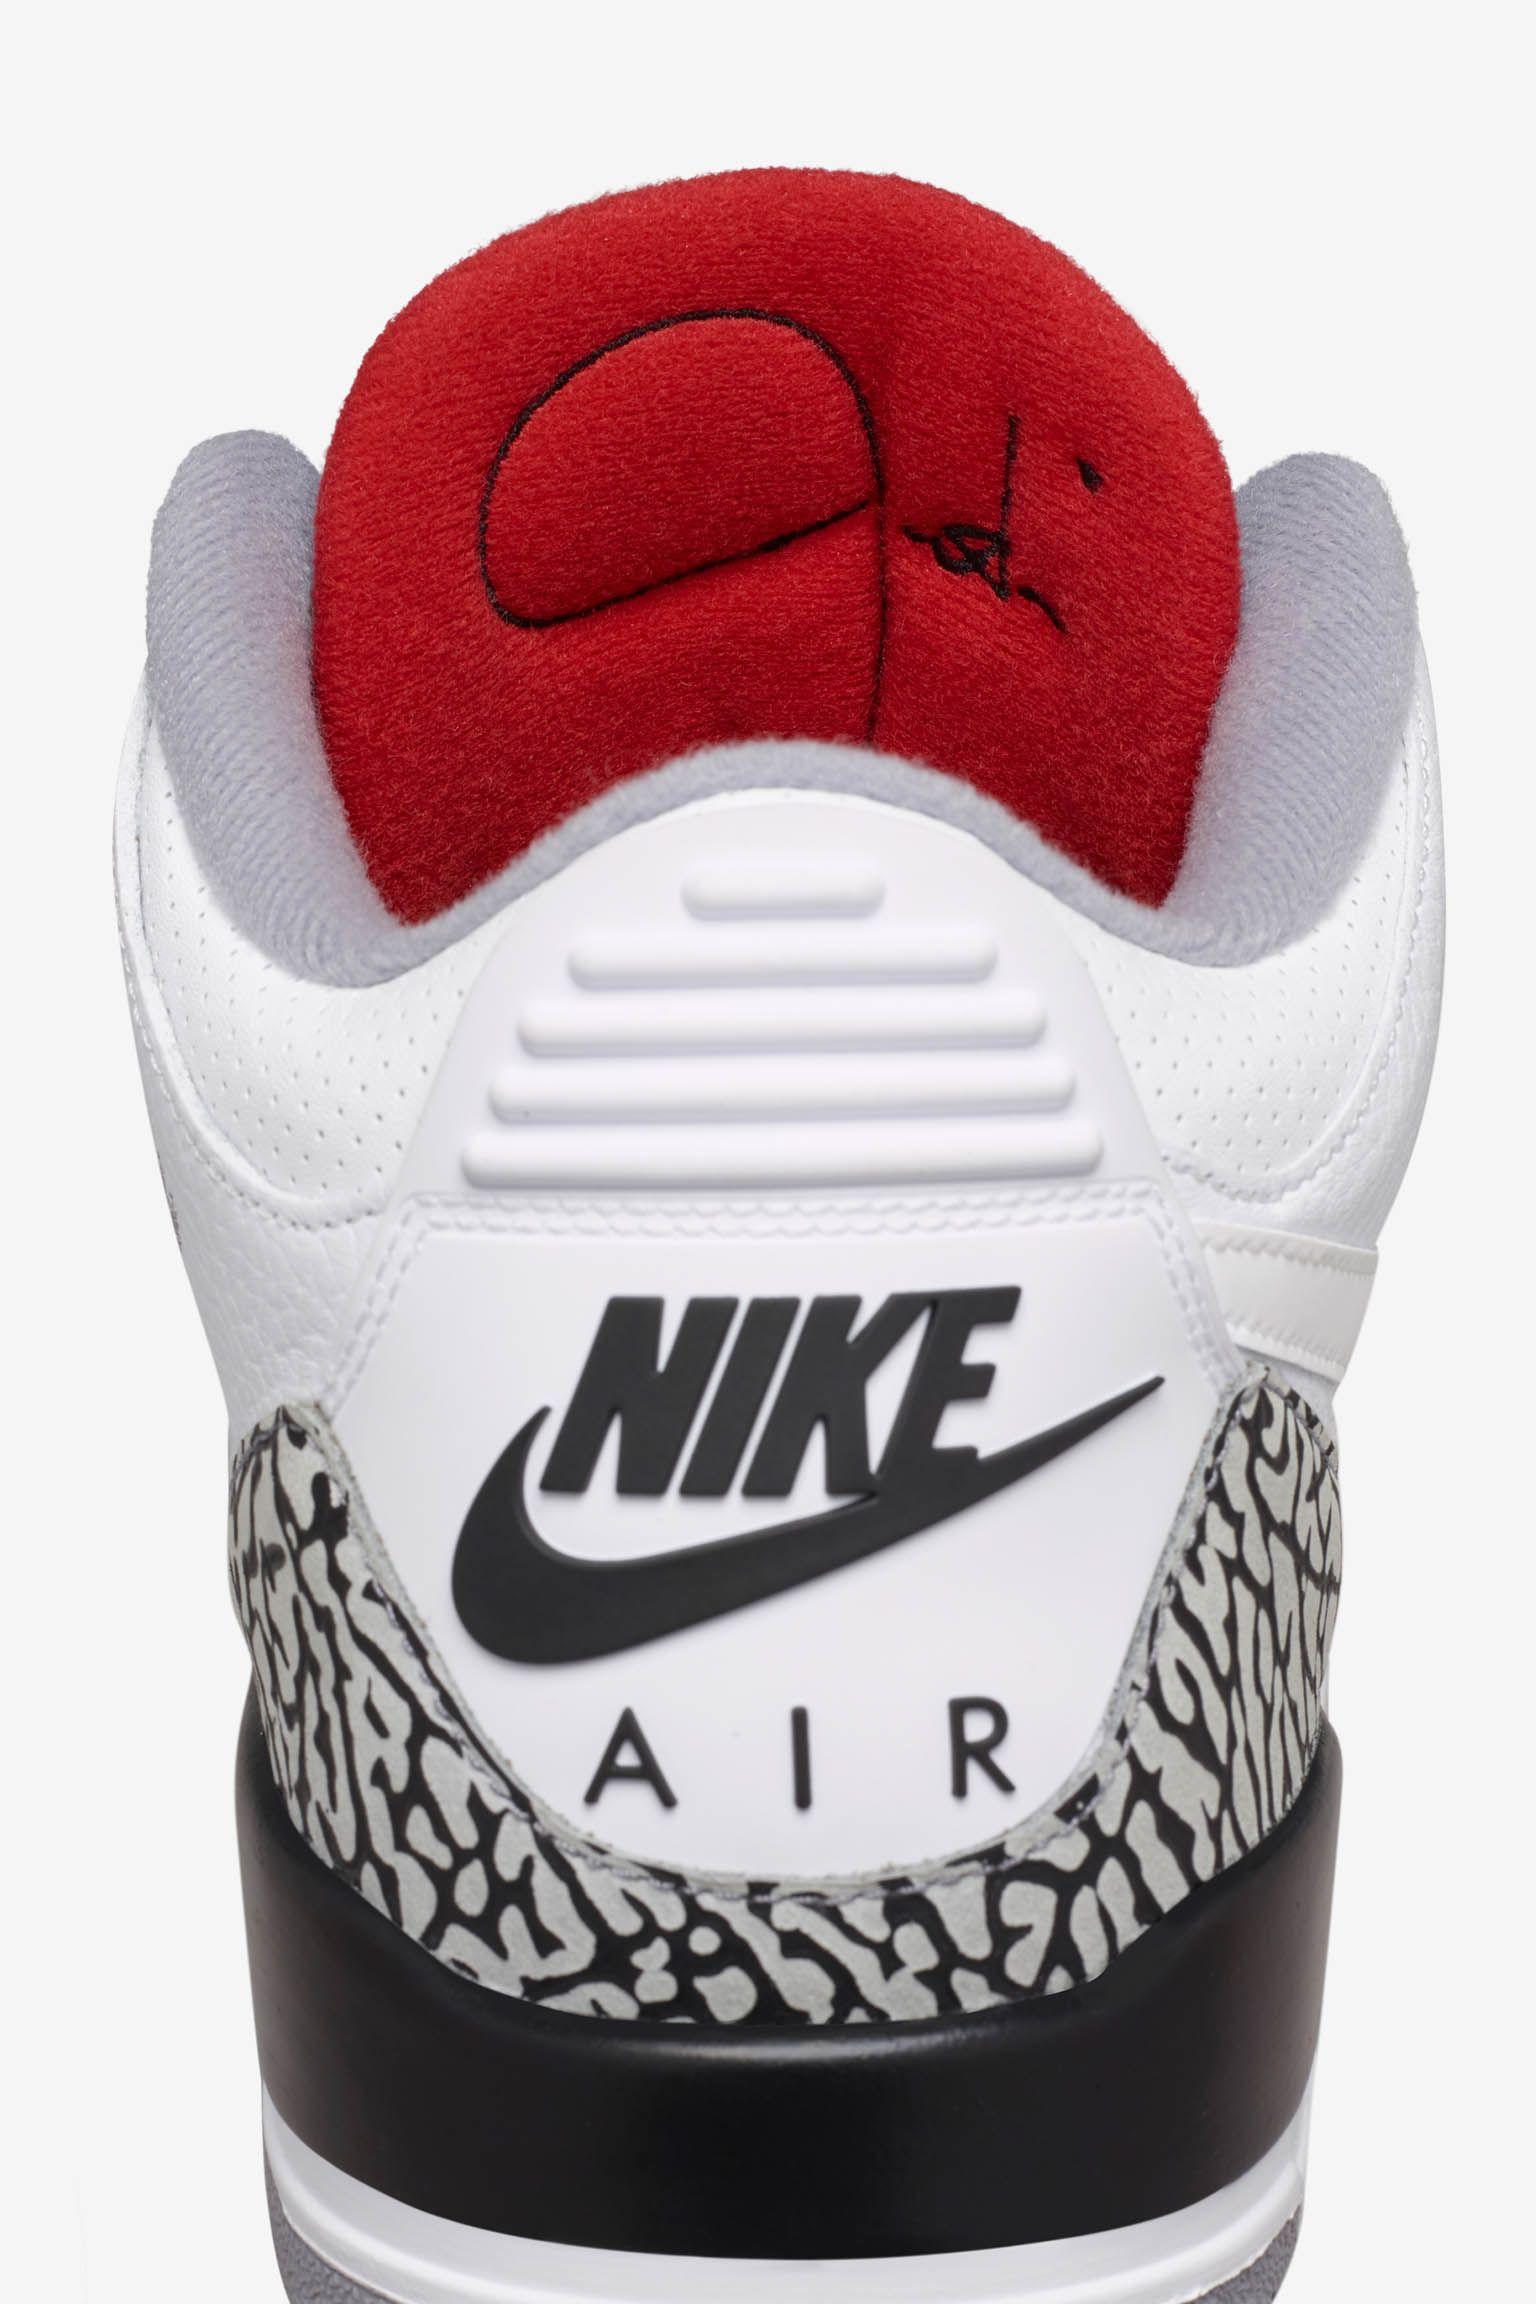 Air Jordan 3 'JTH' Release Date